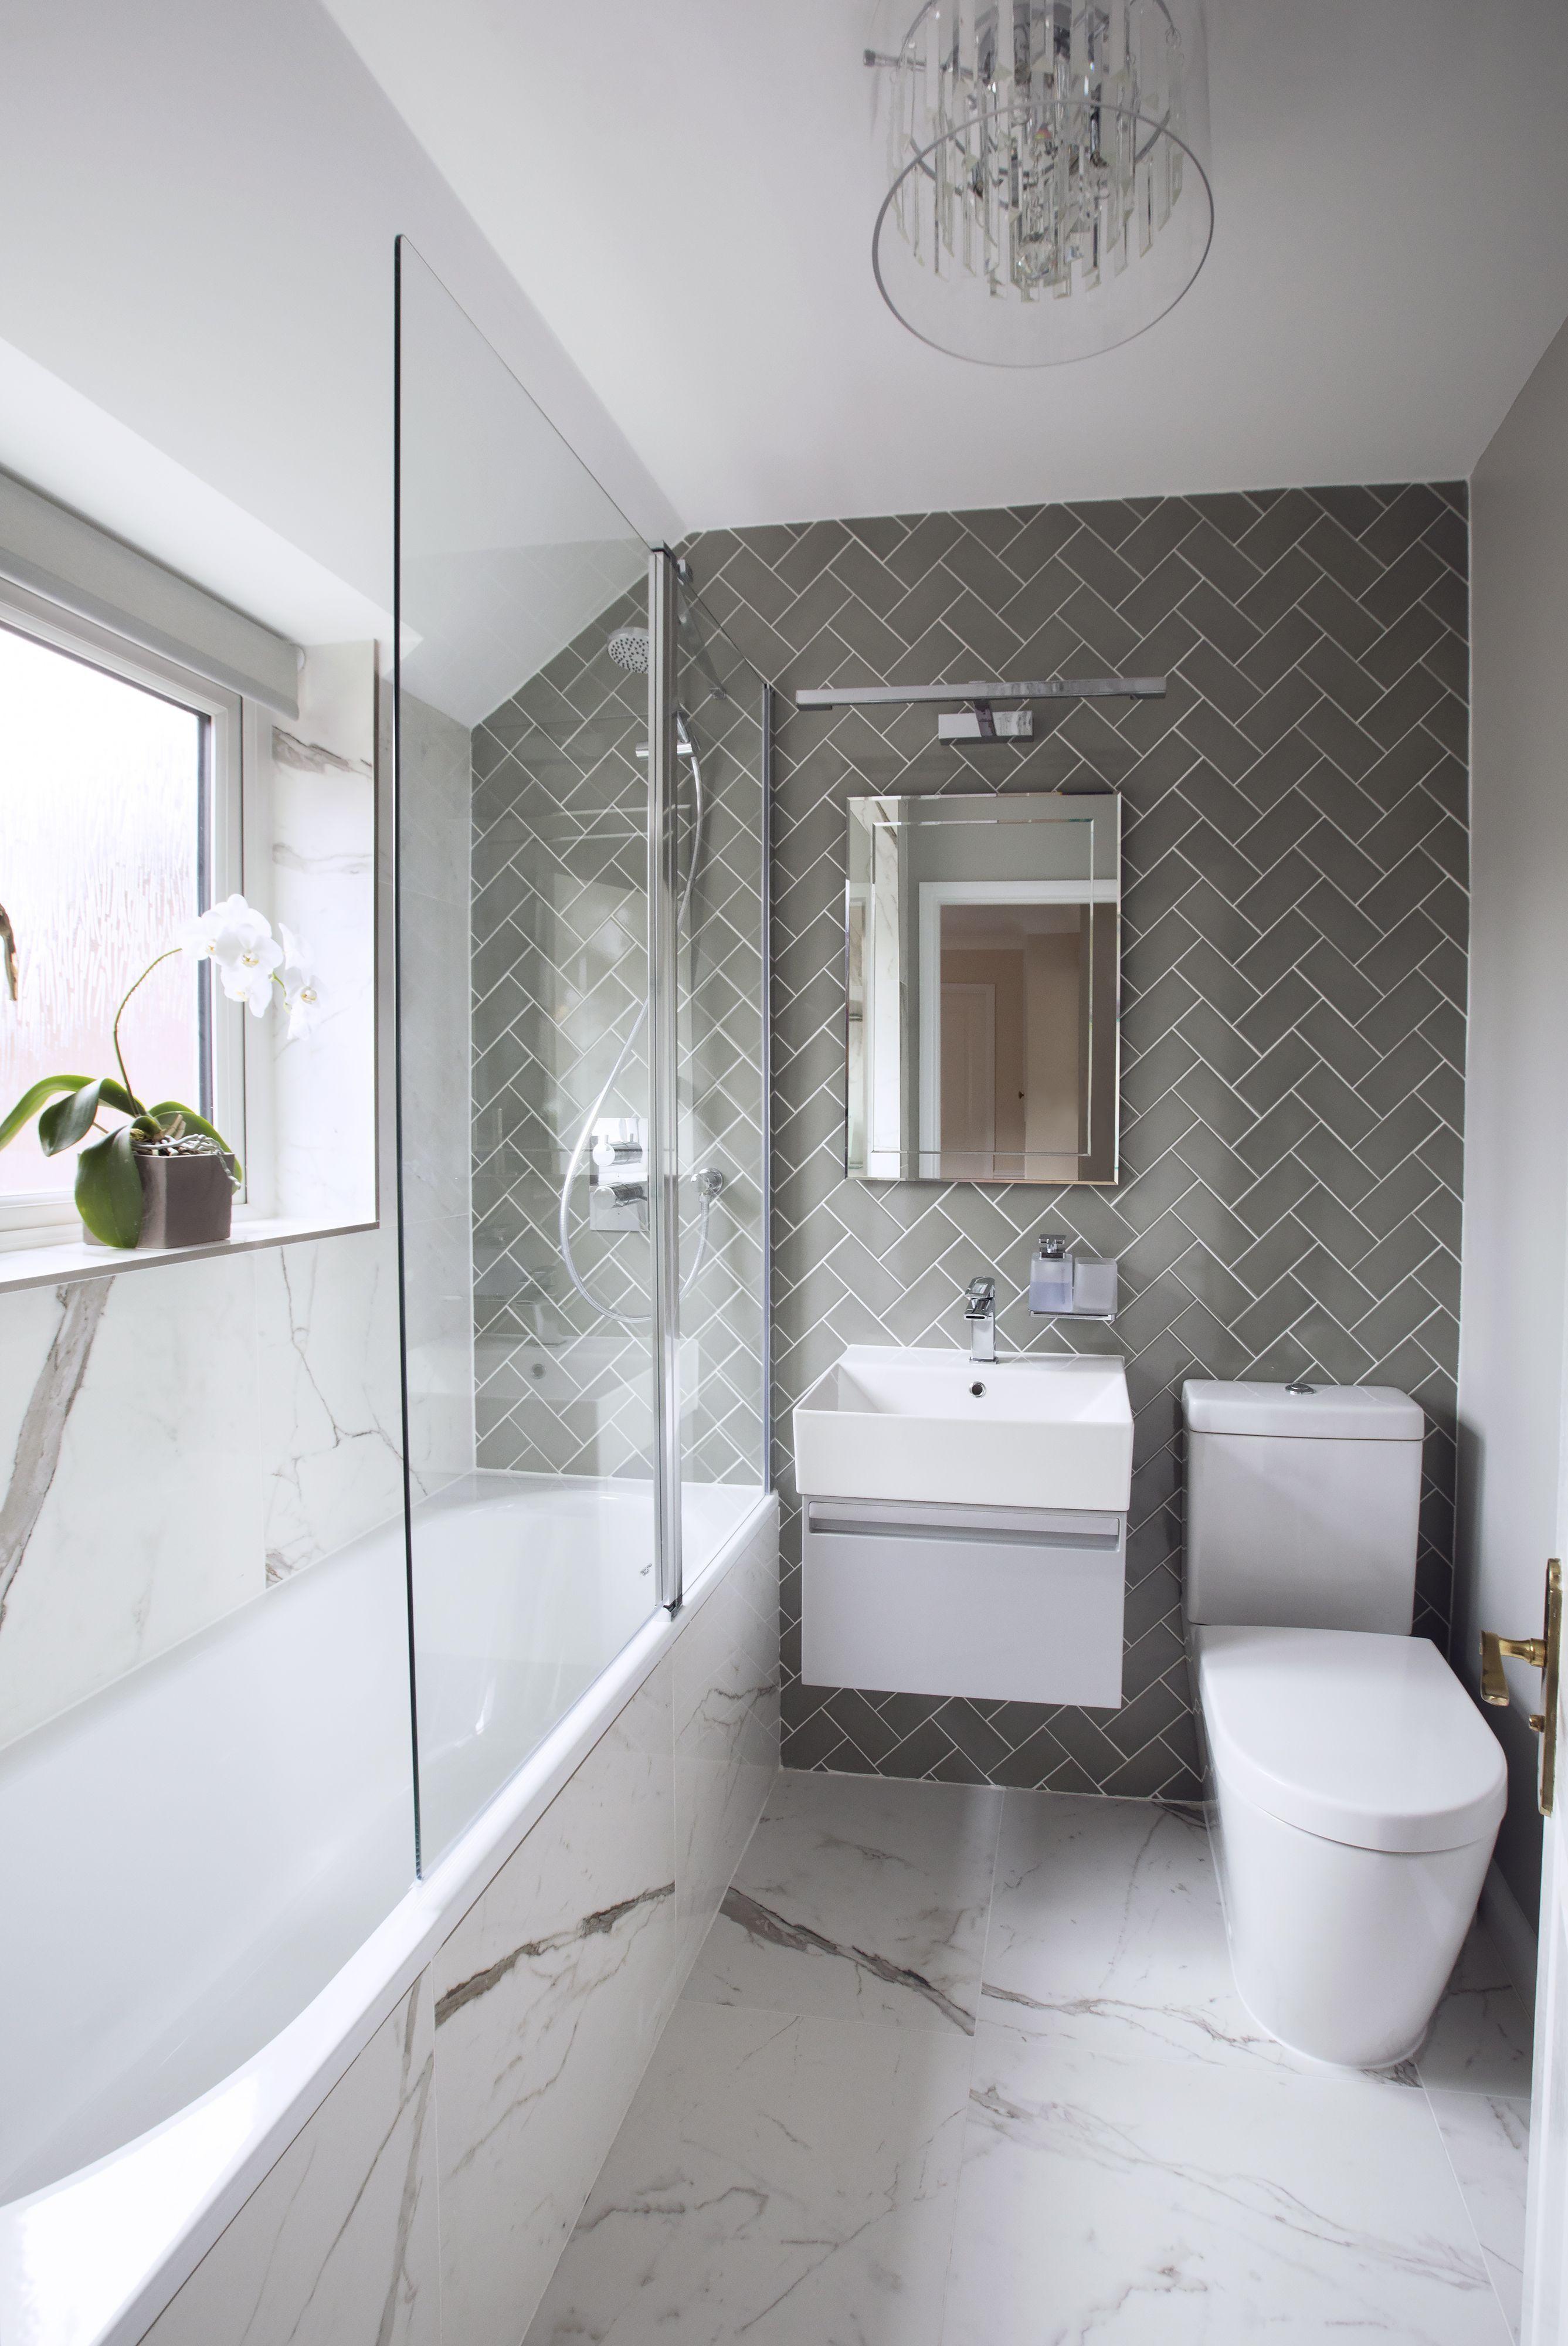 Unbelievable Useful Tips Basement Bathroom Remodel Plank Flooring Bathroom Remodel Brown Tile Maste Bathroom Design Small Small Bathroom Small Master Bathroom